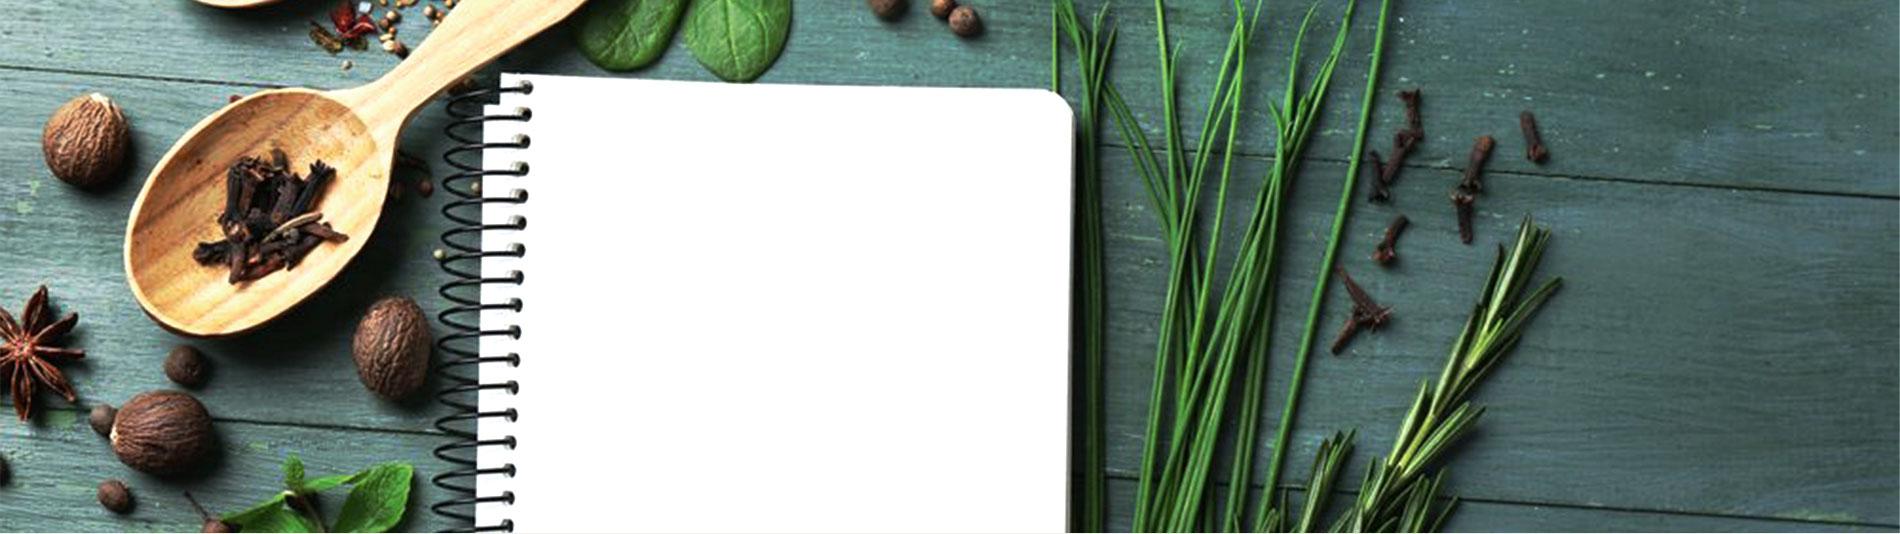 guide culinaire, livre de recettes